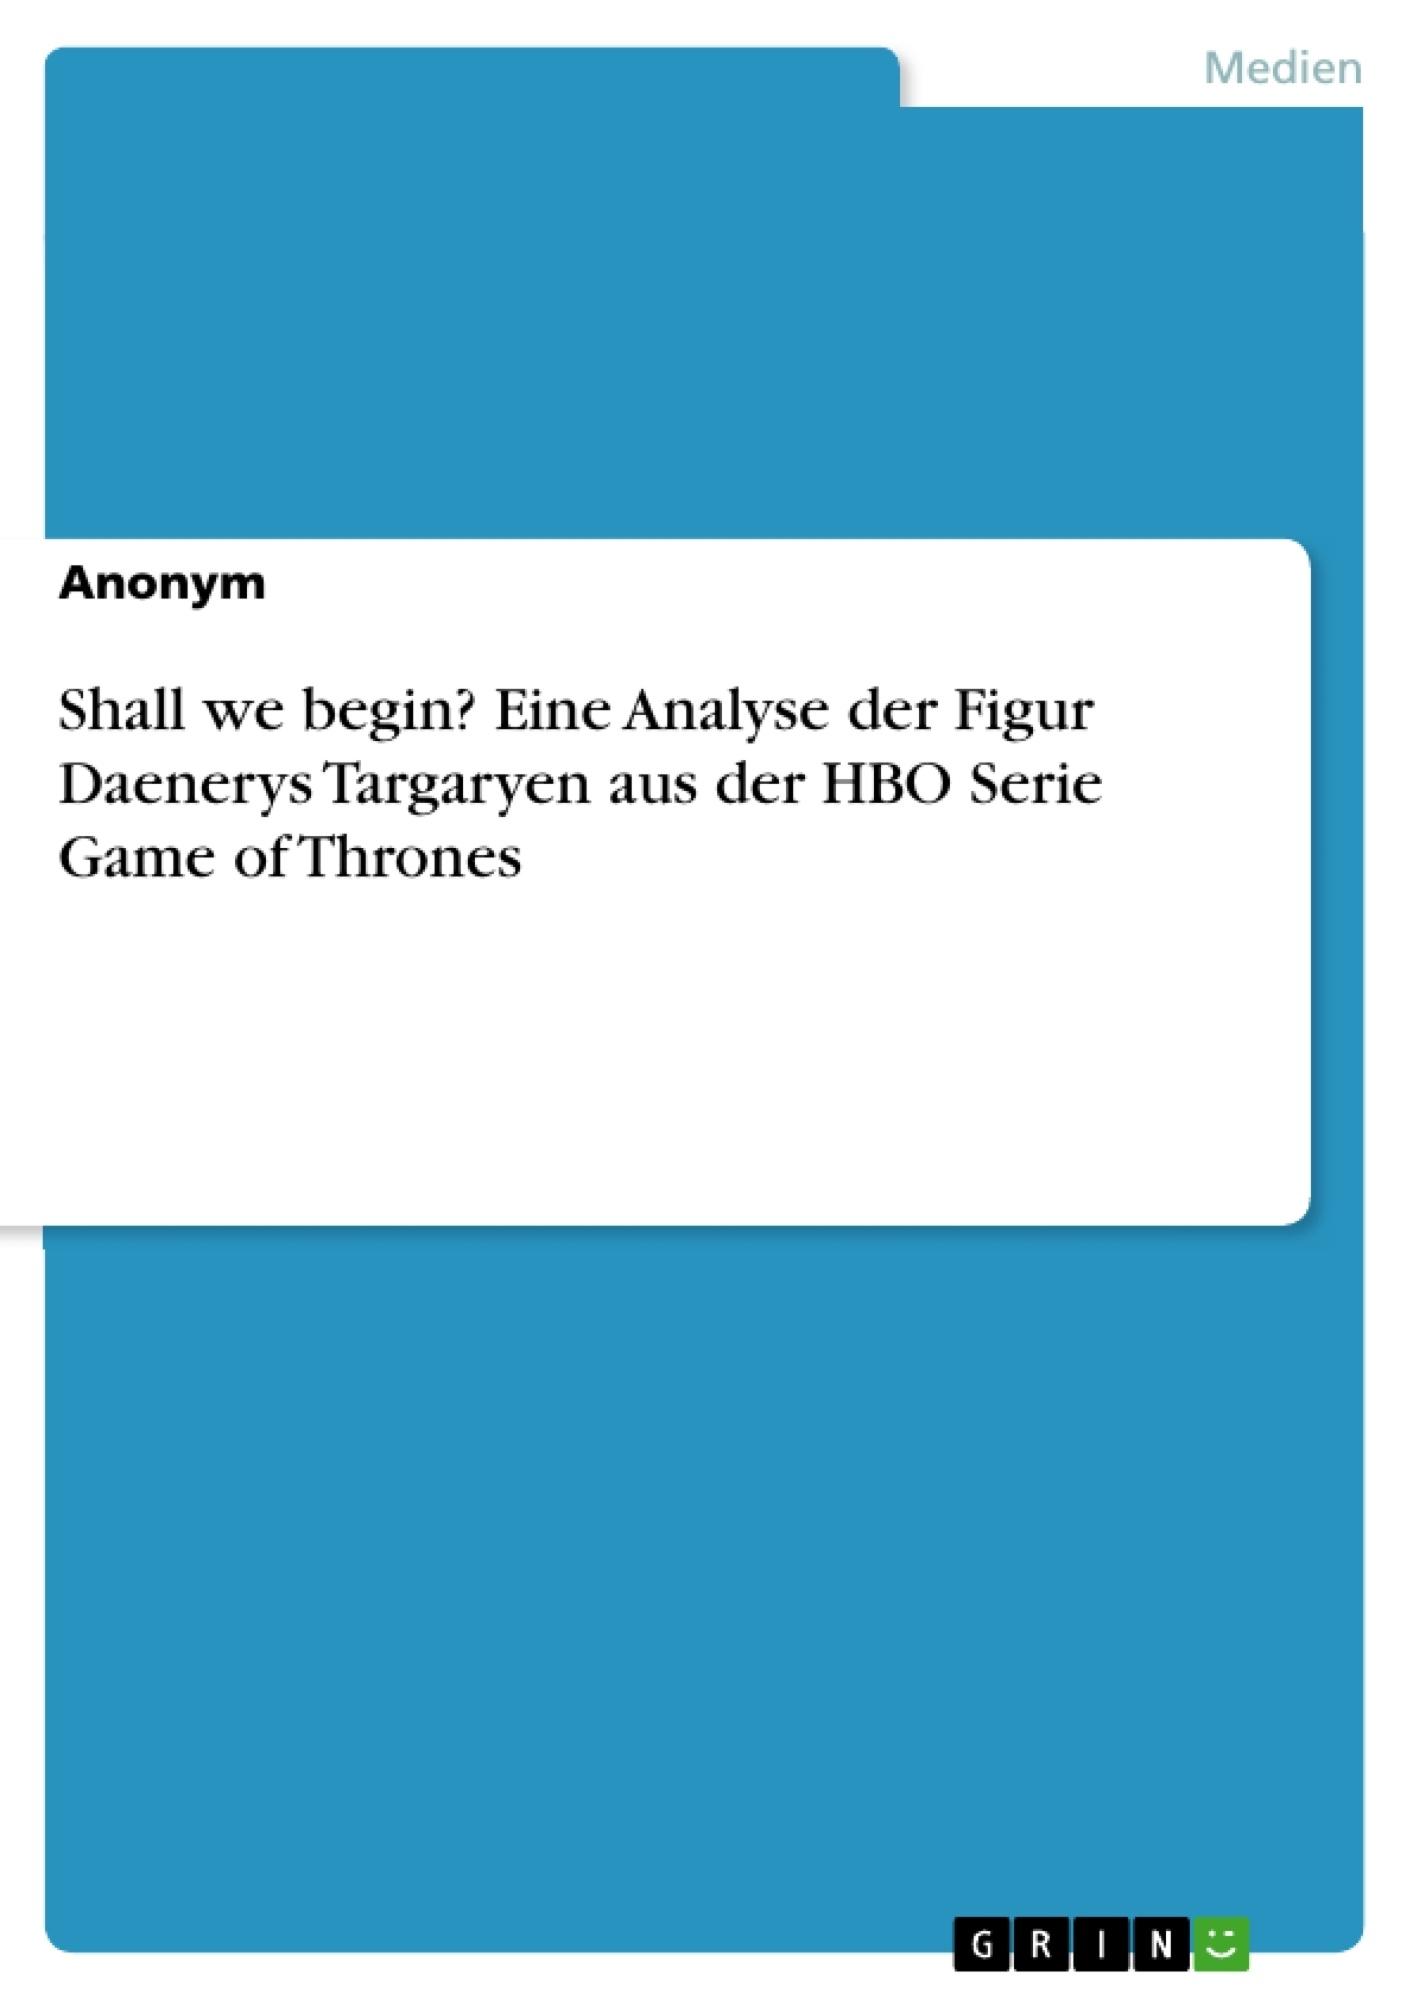 Titel: Shall we begin? Eine Analyse der Figur Daenerys Targaryen aus der HBO Serie Game of Thrones